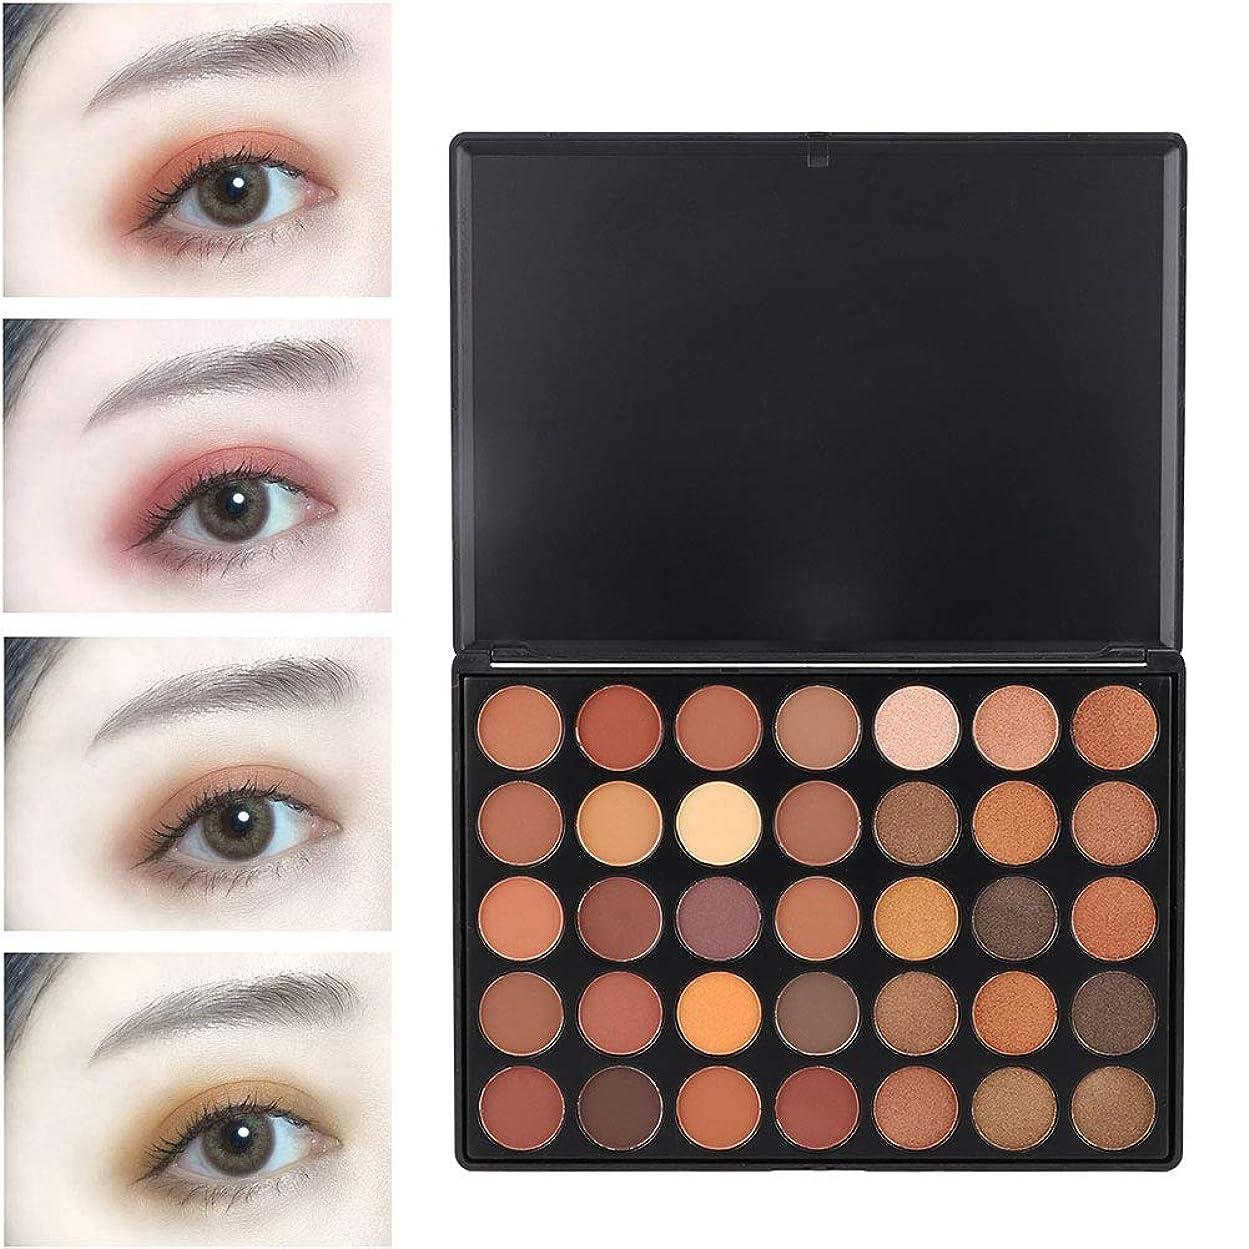 カヌーアパート資格情報アイシャドウパレット 35色 化粧マット 化粧品ツール グロス アイシャドウパウダー